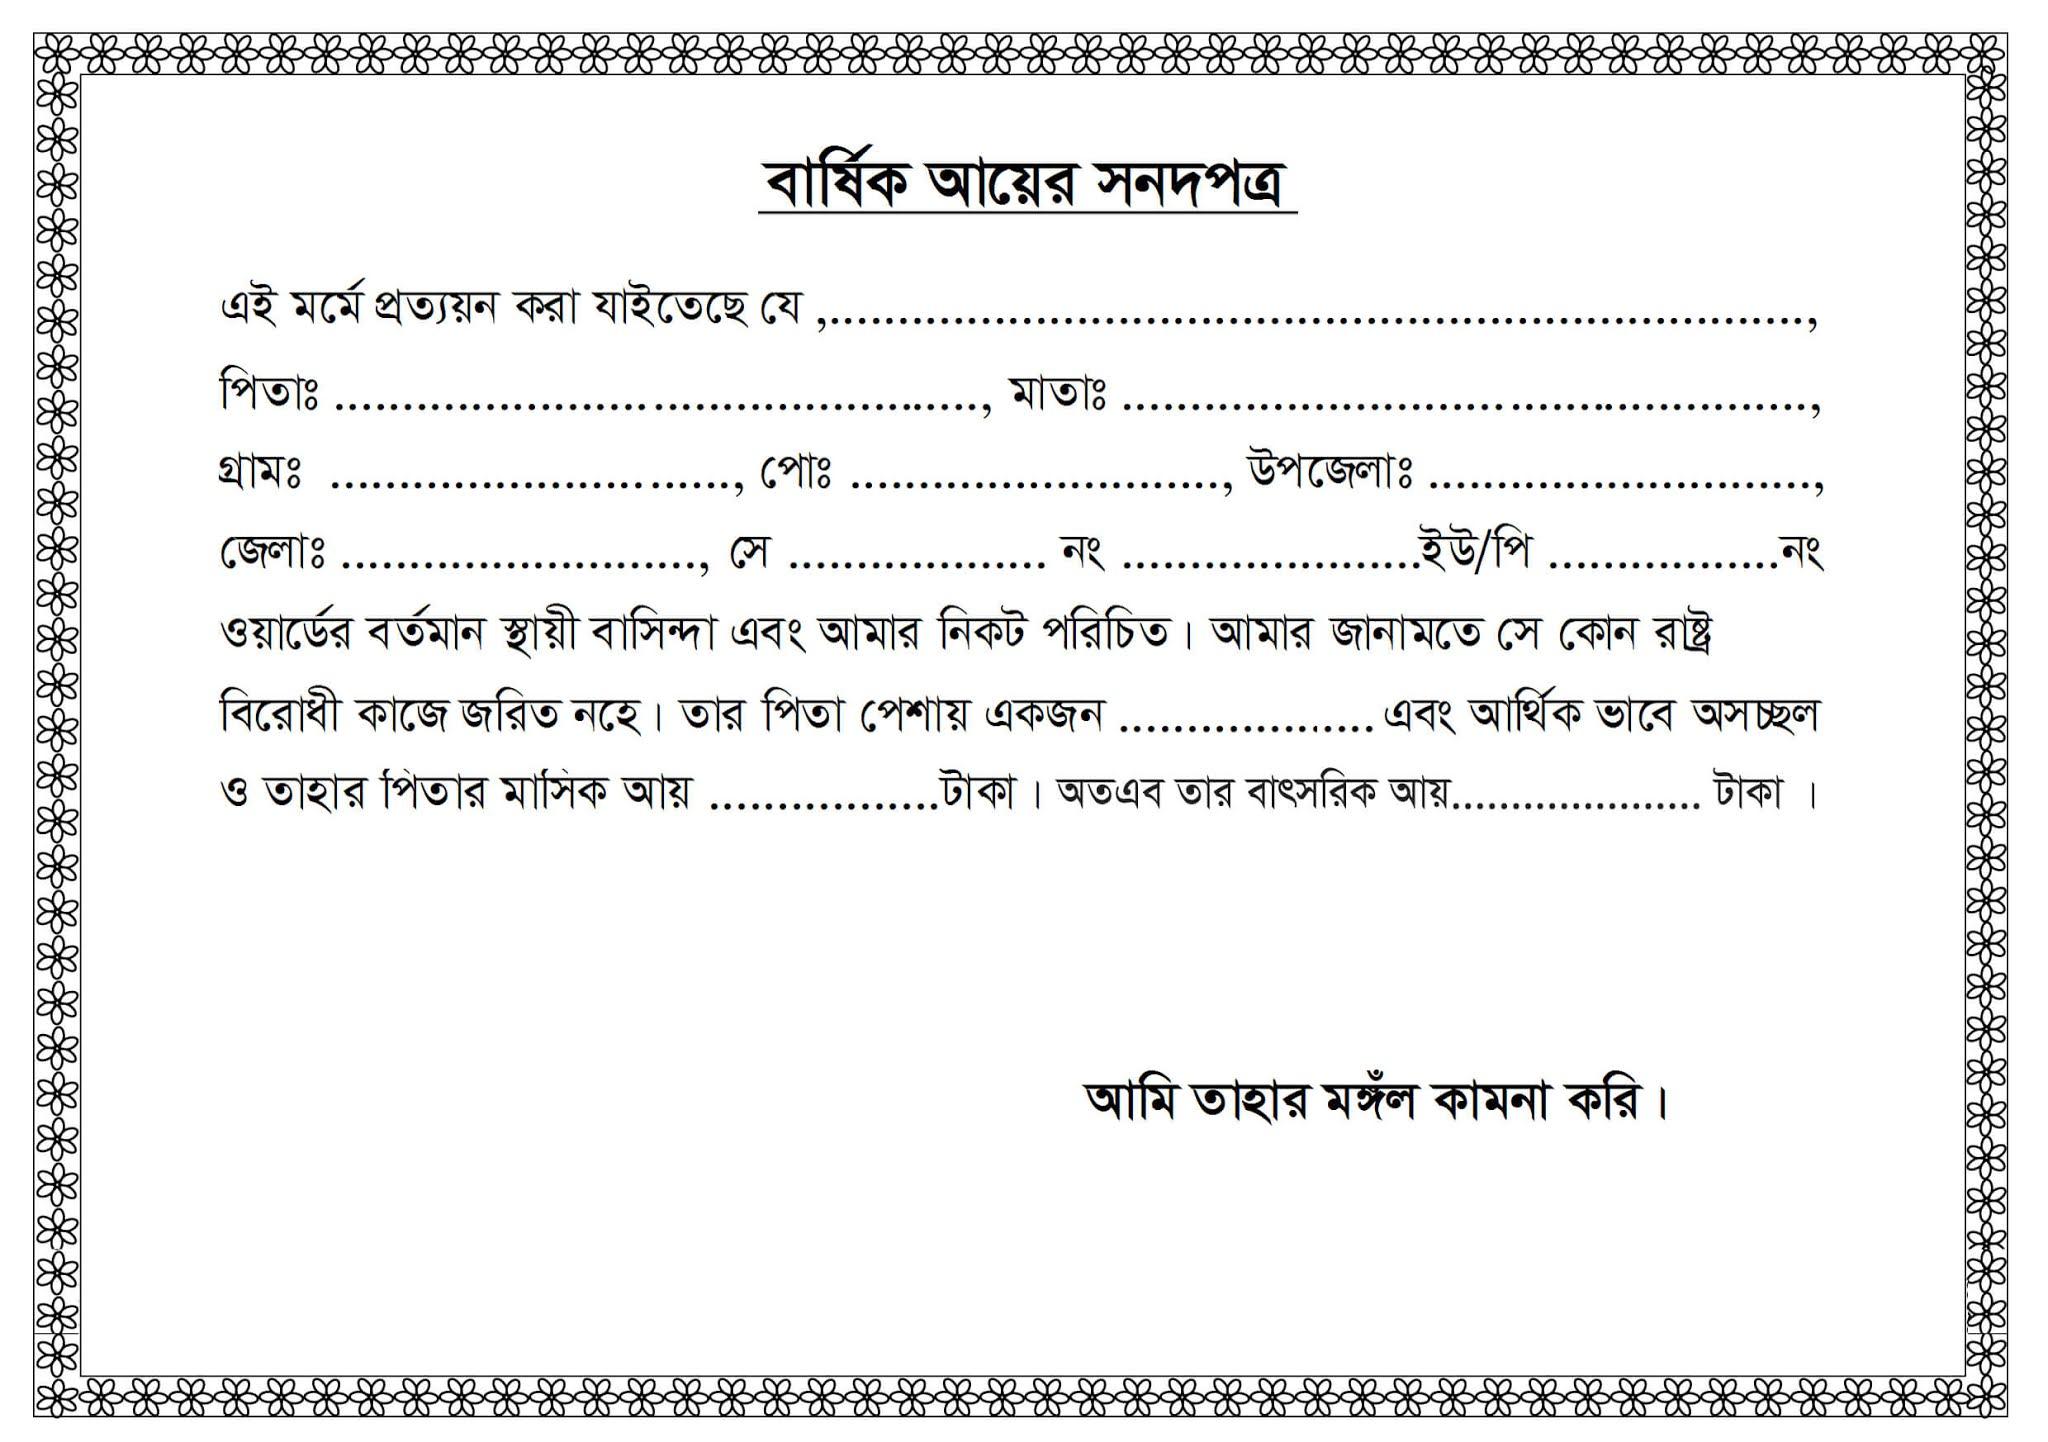 Annual Income Certificate